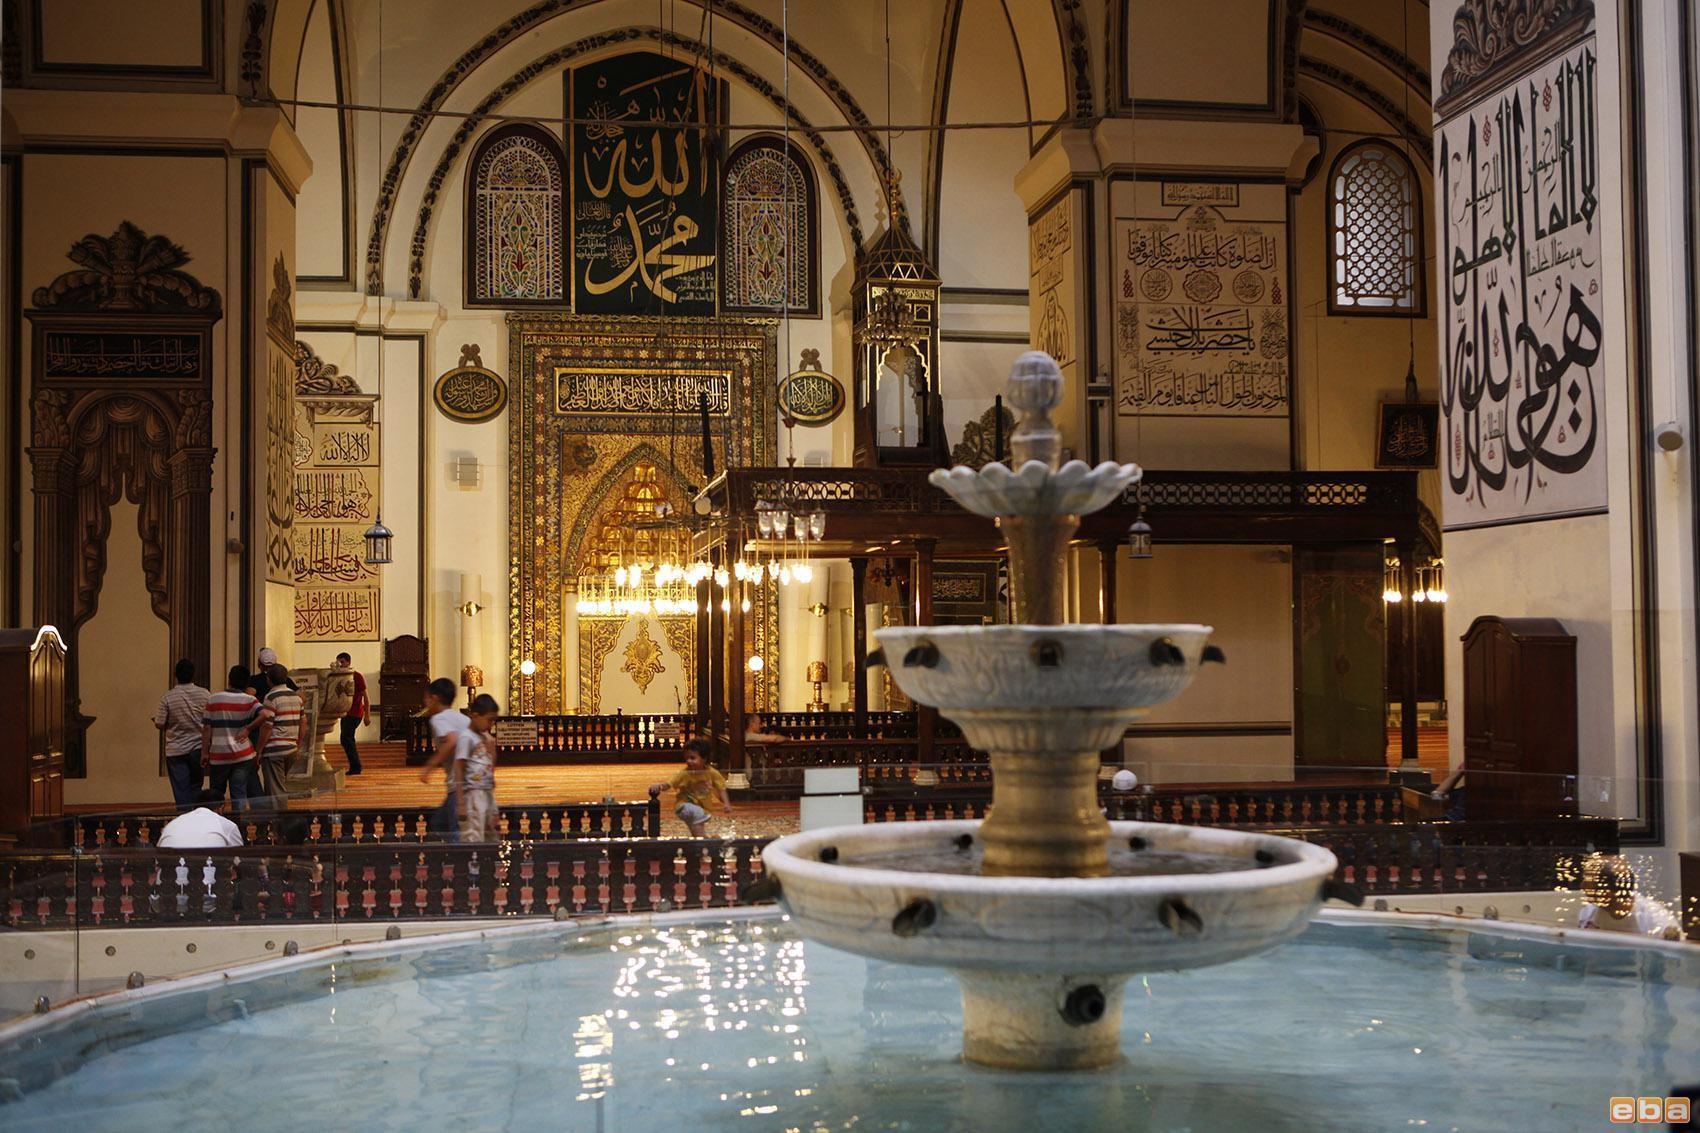 كل ما تريد معرفته عن جامع بورصة الكبير ومقتنياته الاثرية تركيا ادويت